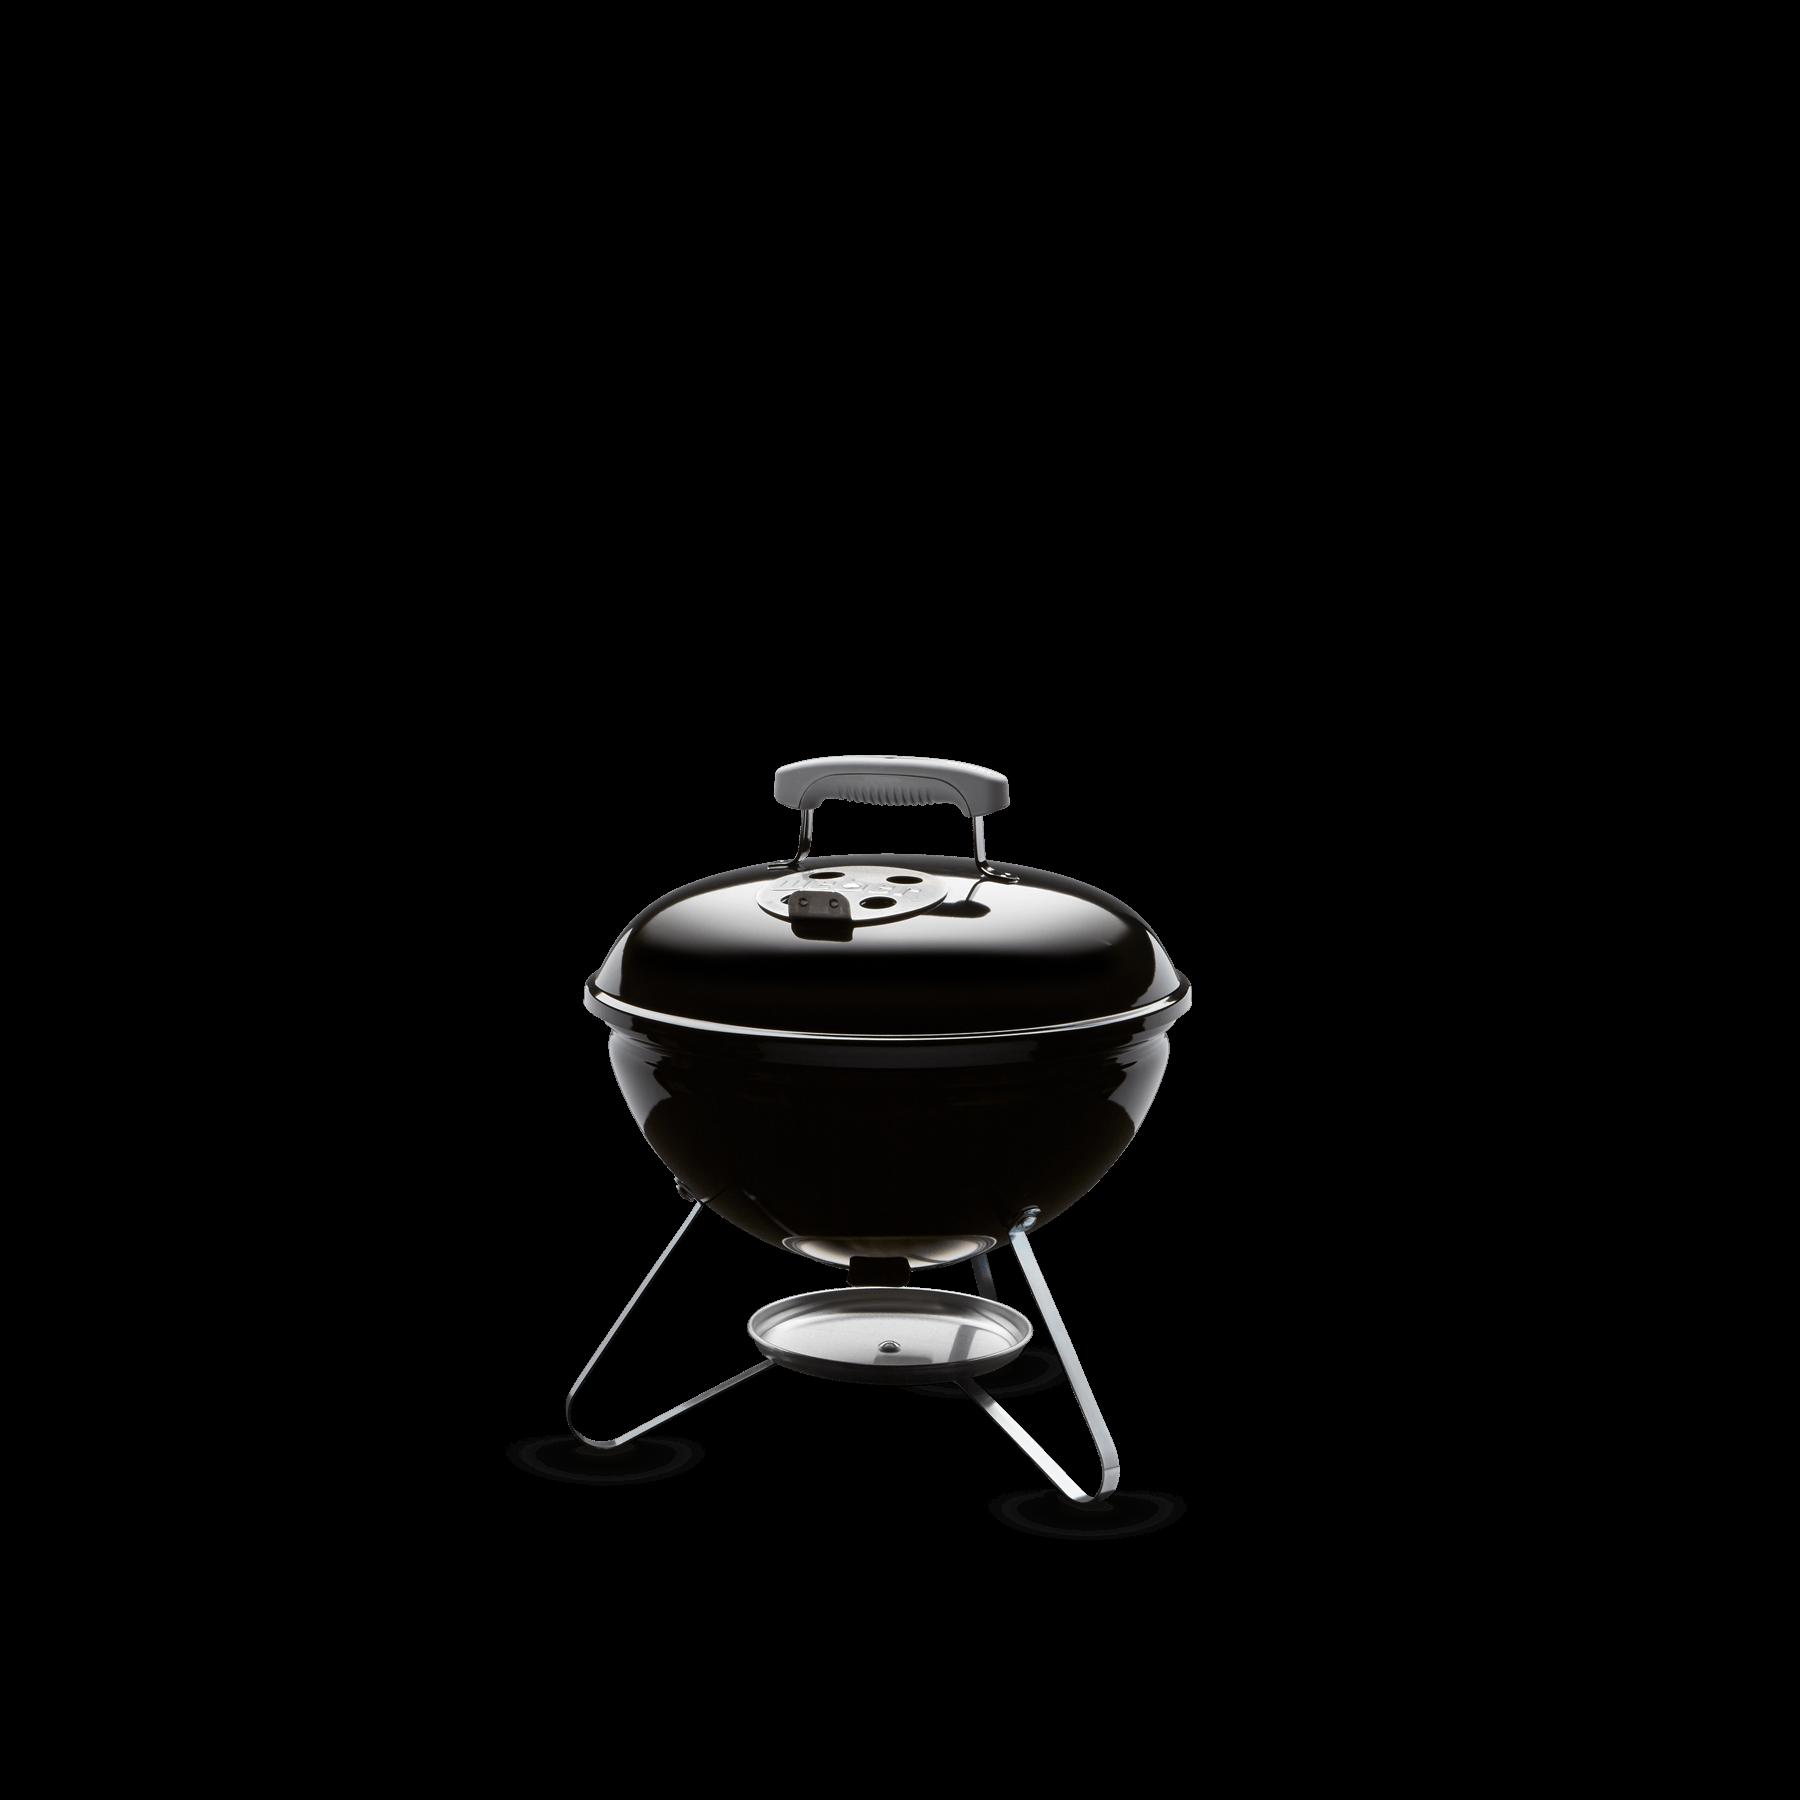 SMOKEY JOE 燃气烤炉 37cm